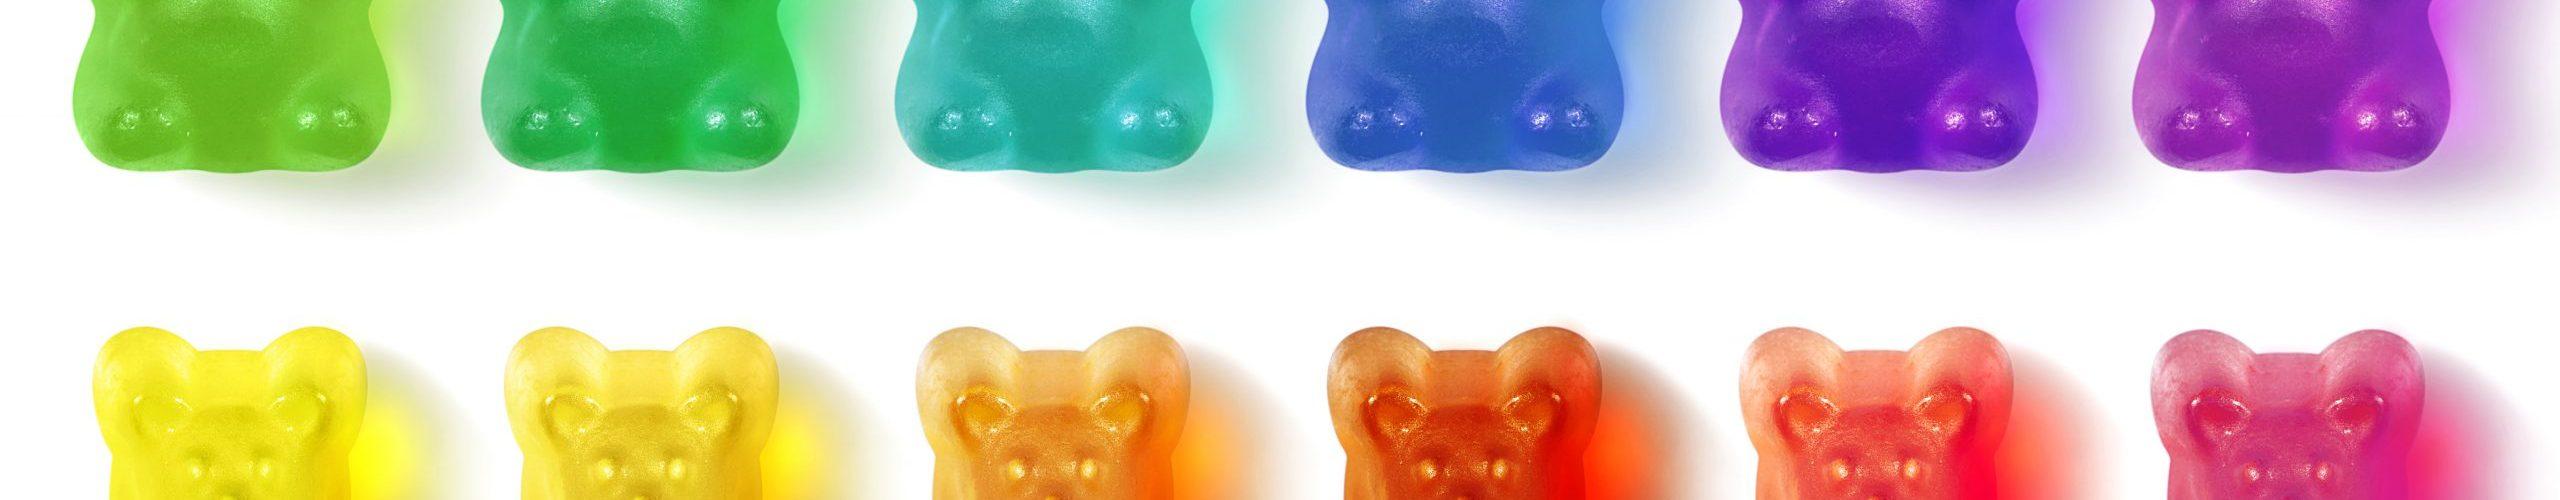 25mg THC-O gummies - Sour Orange